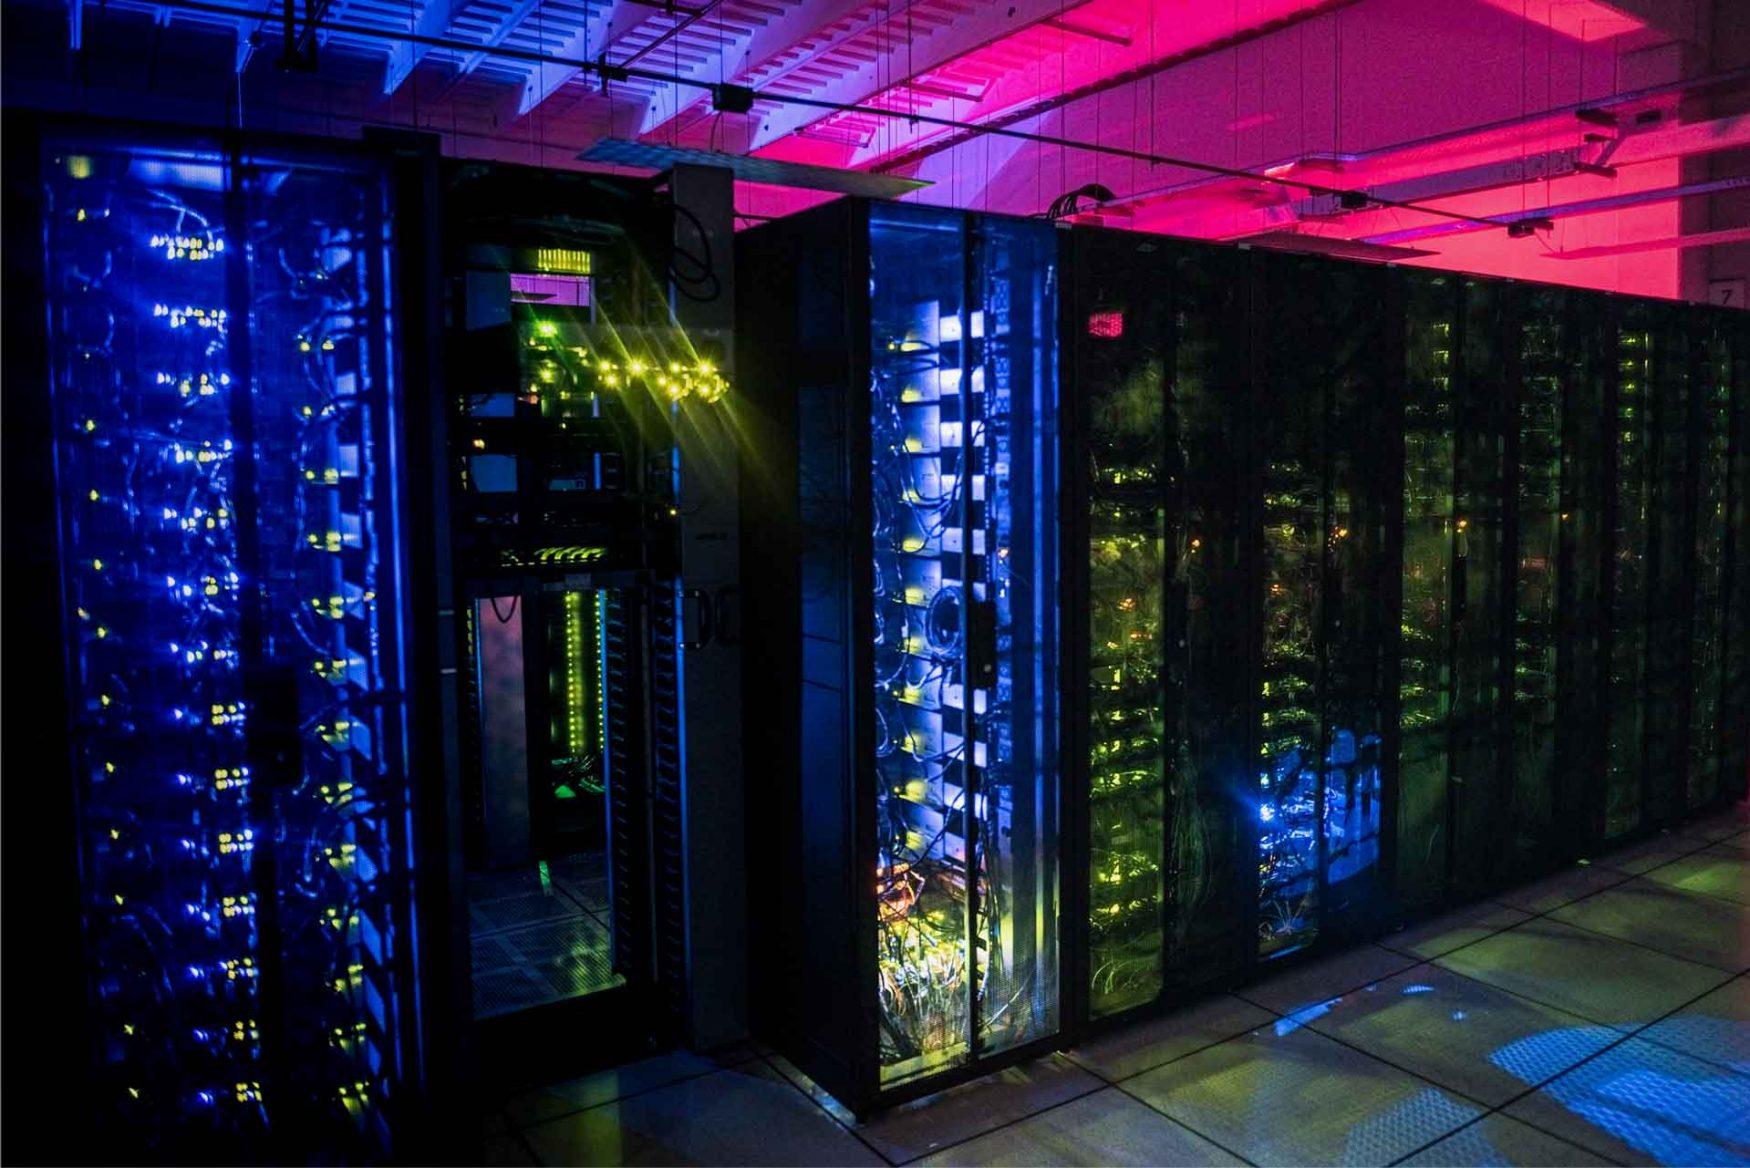 Fila de racks cerrados e iluminados en una sala del Centro Nacional de Datos.